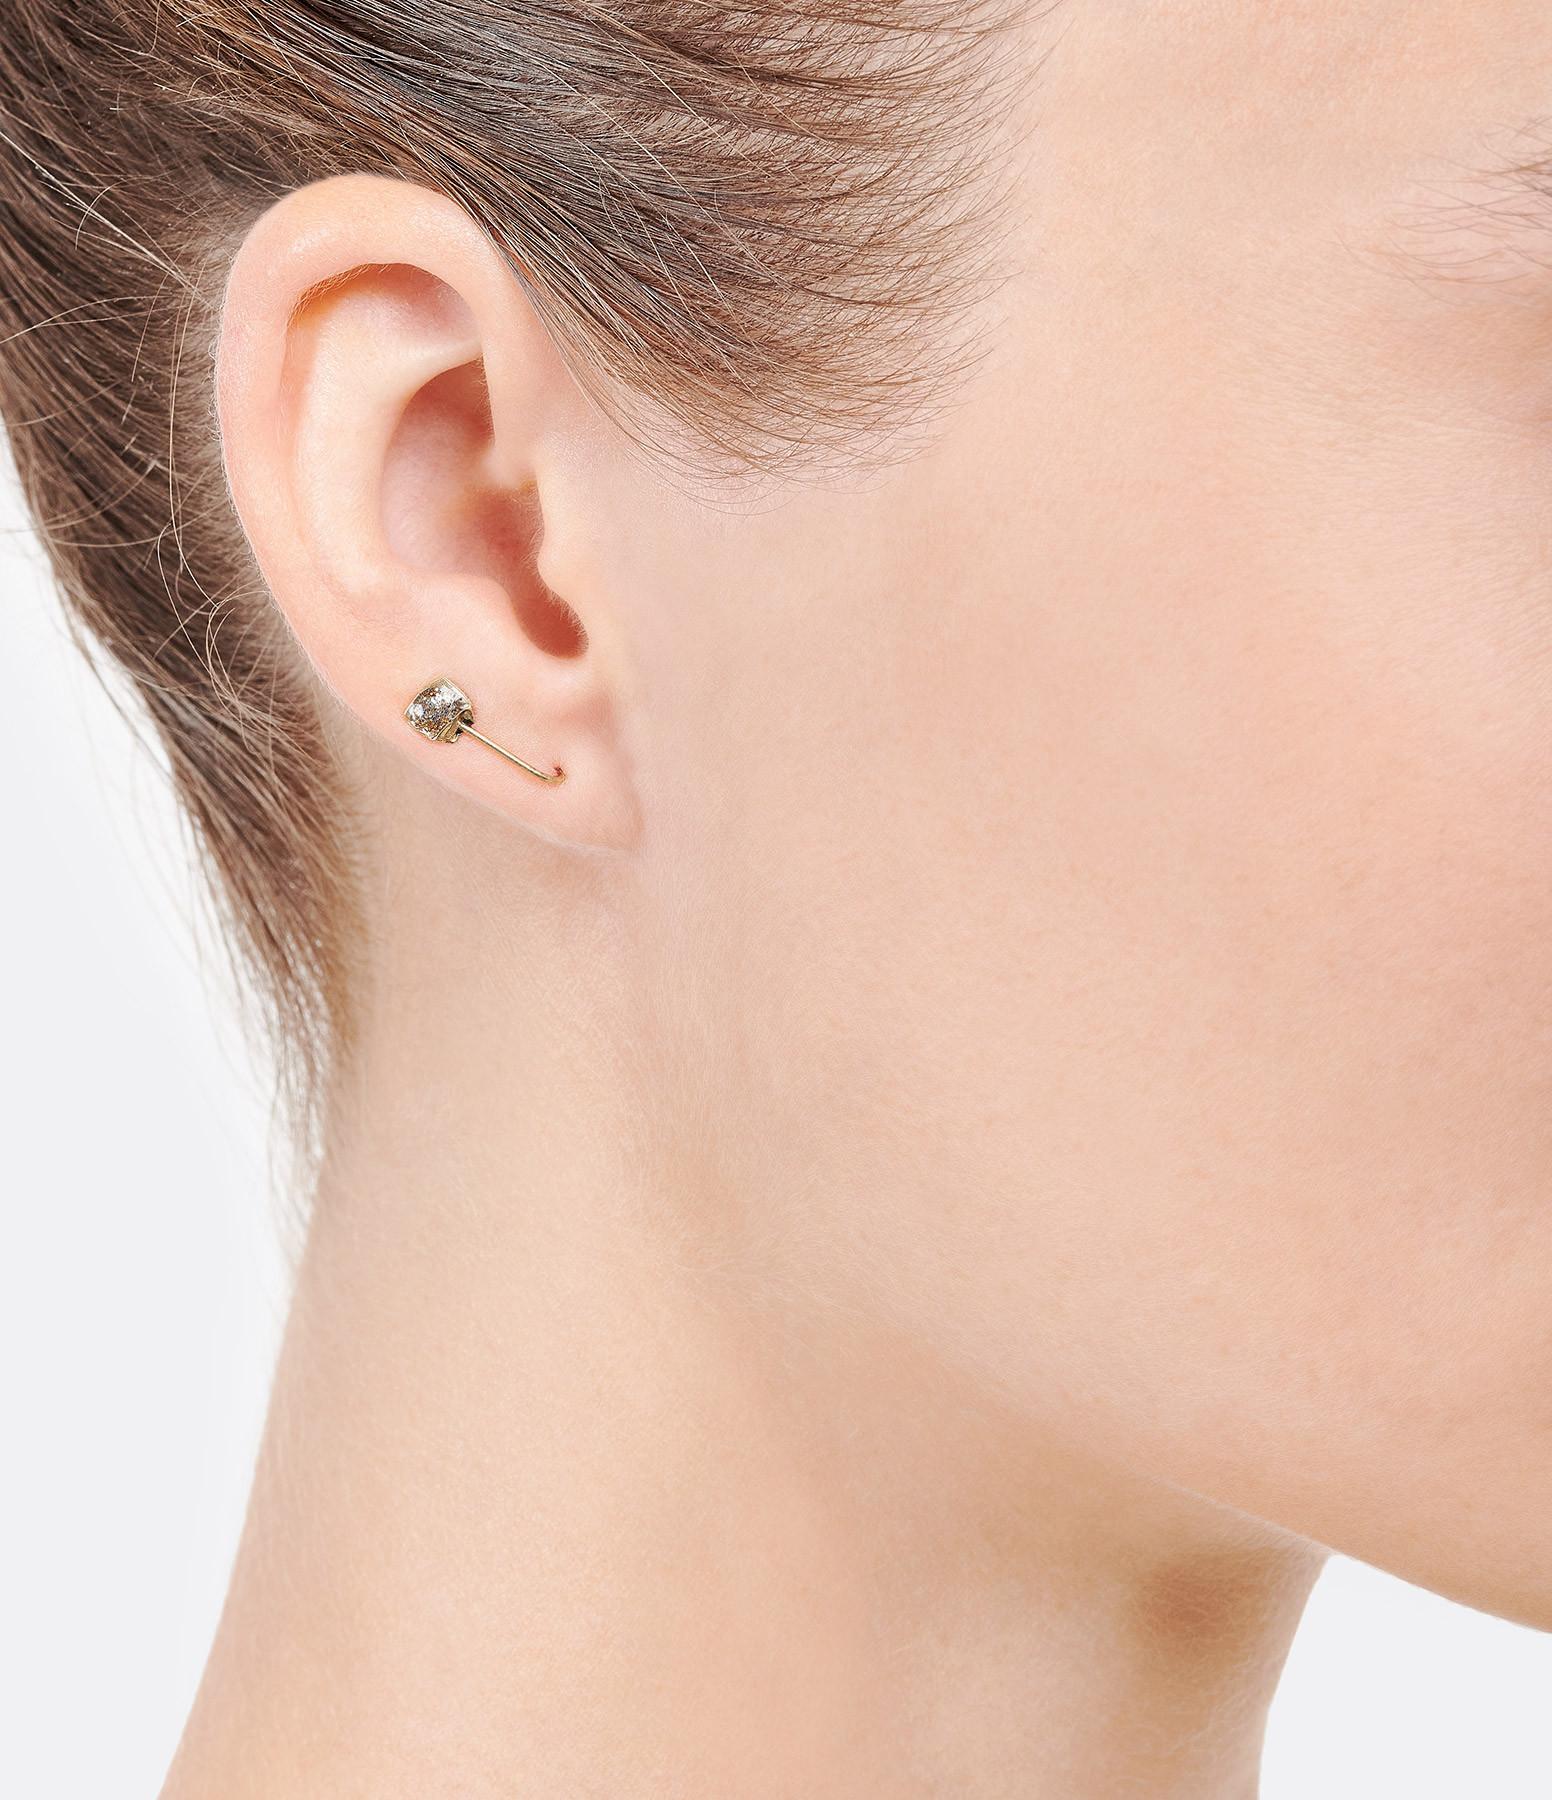 LSONGE - Boucle d'oreille Sublime Pépite Émail Or (vendue à l'unité)